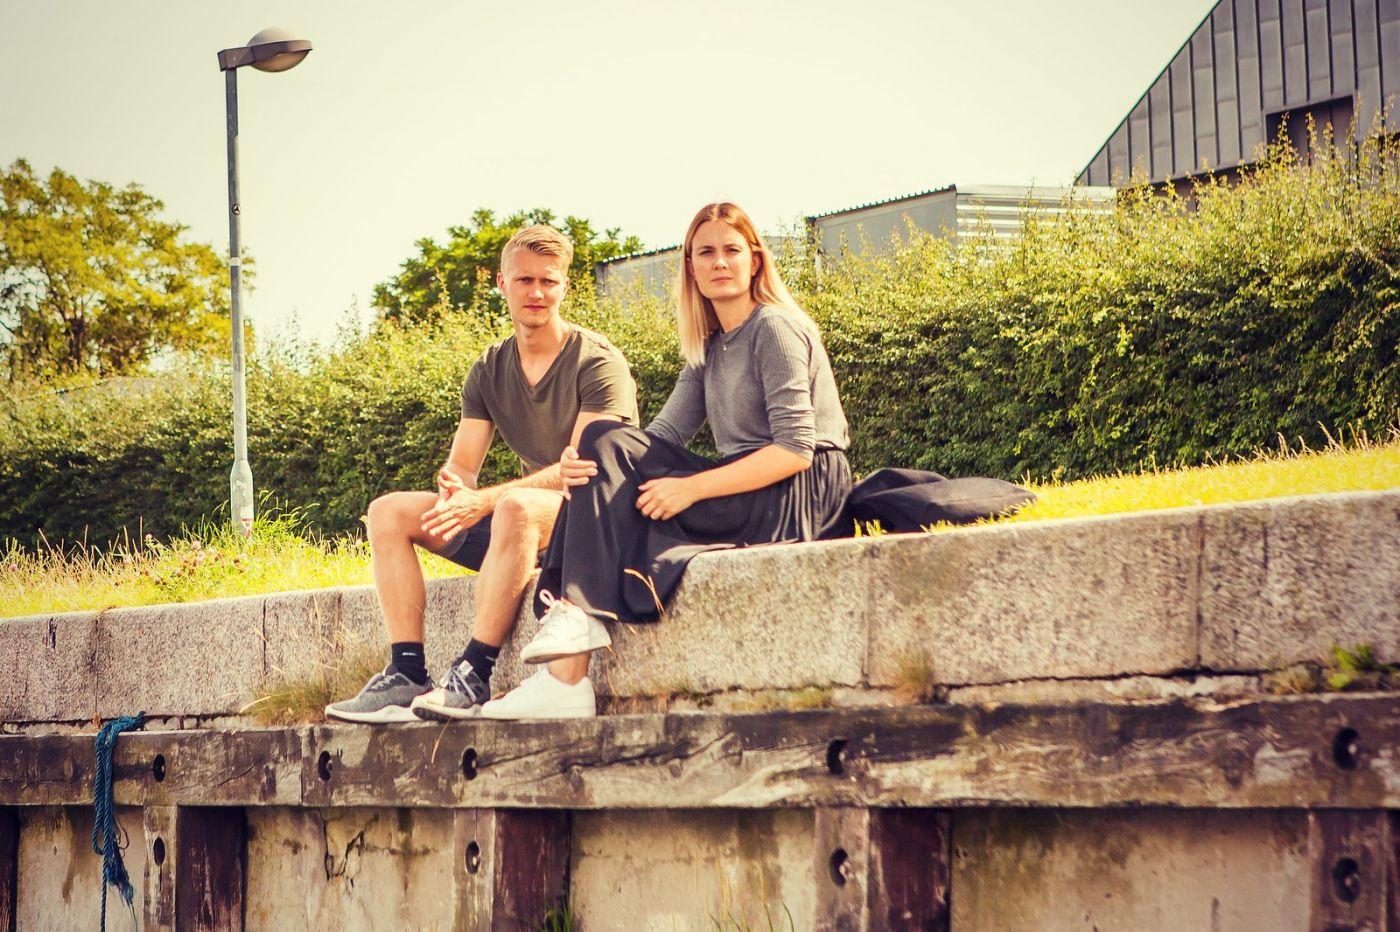 丹麥哥本哈根,生活可以是這樣的_圖1-14